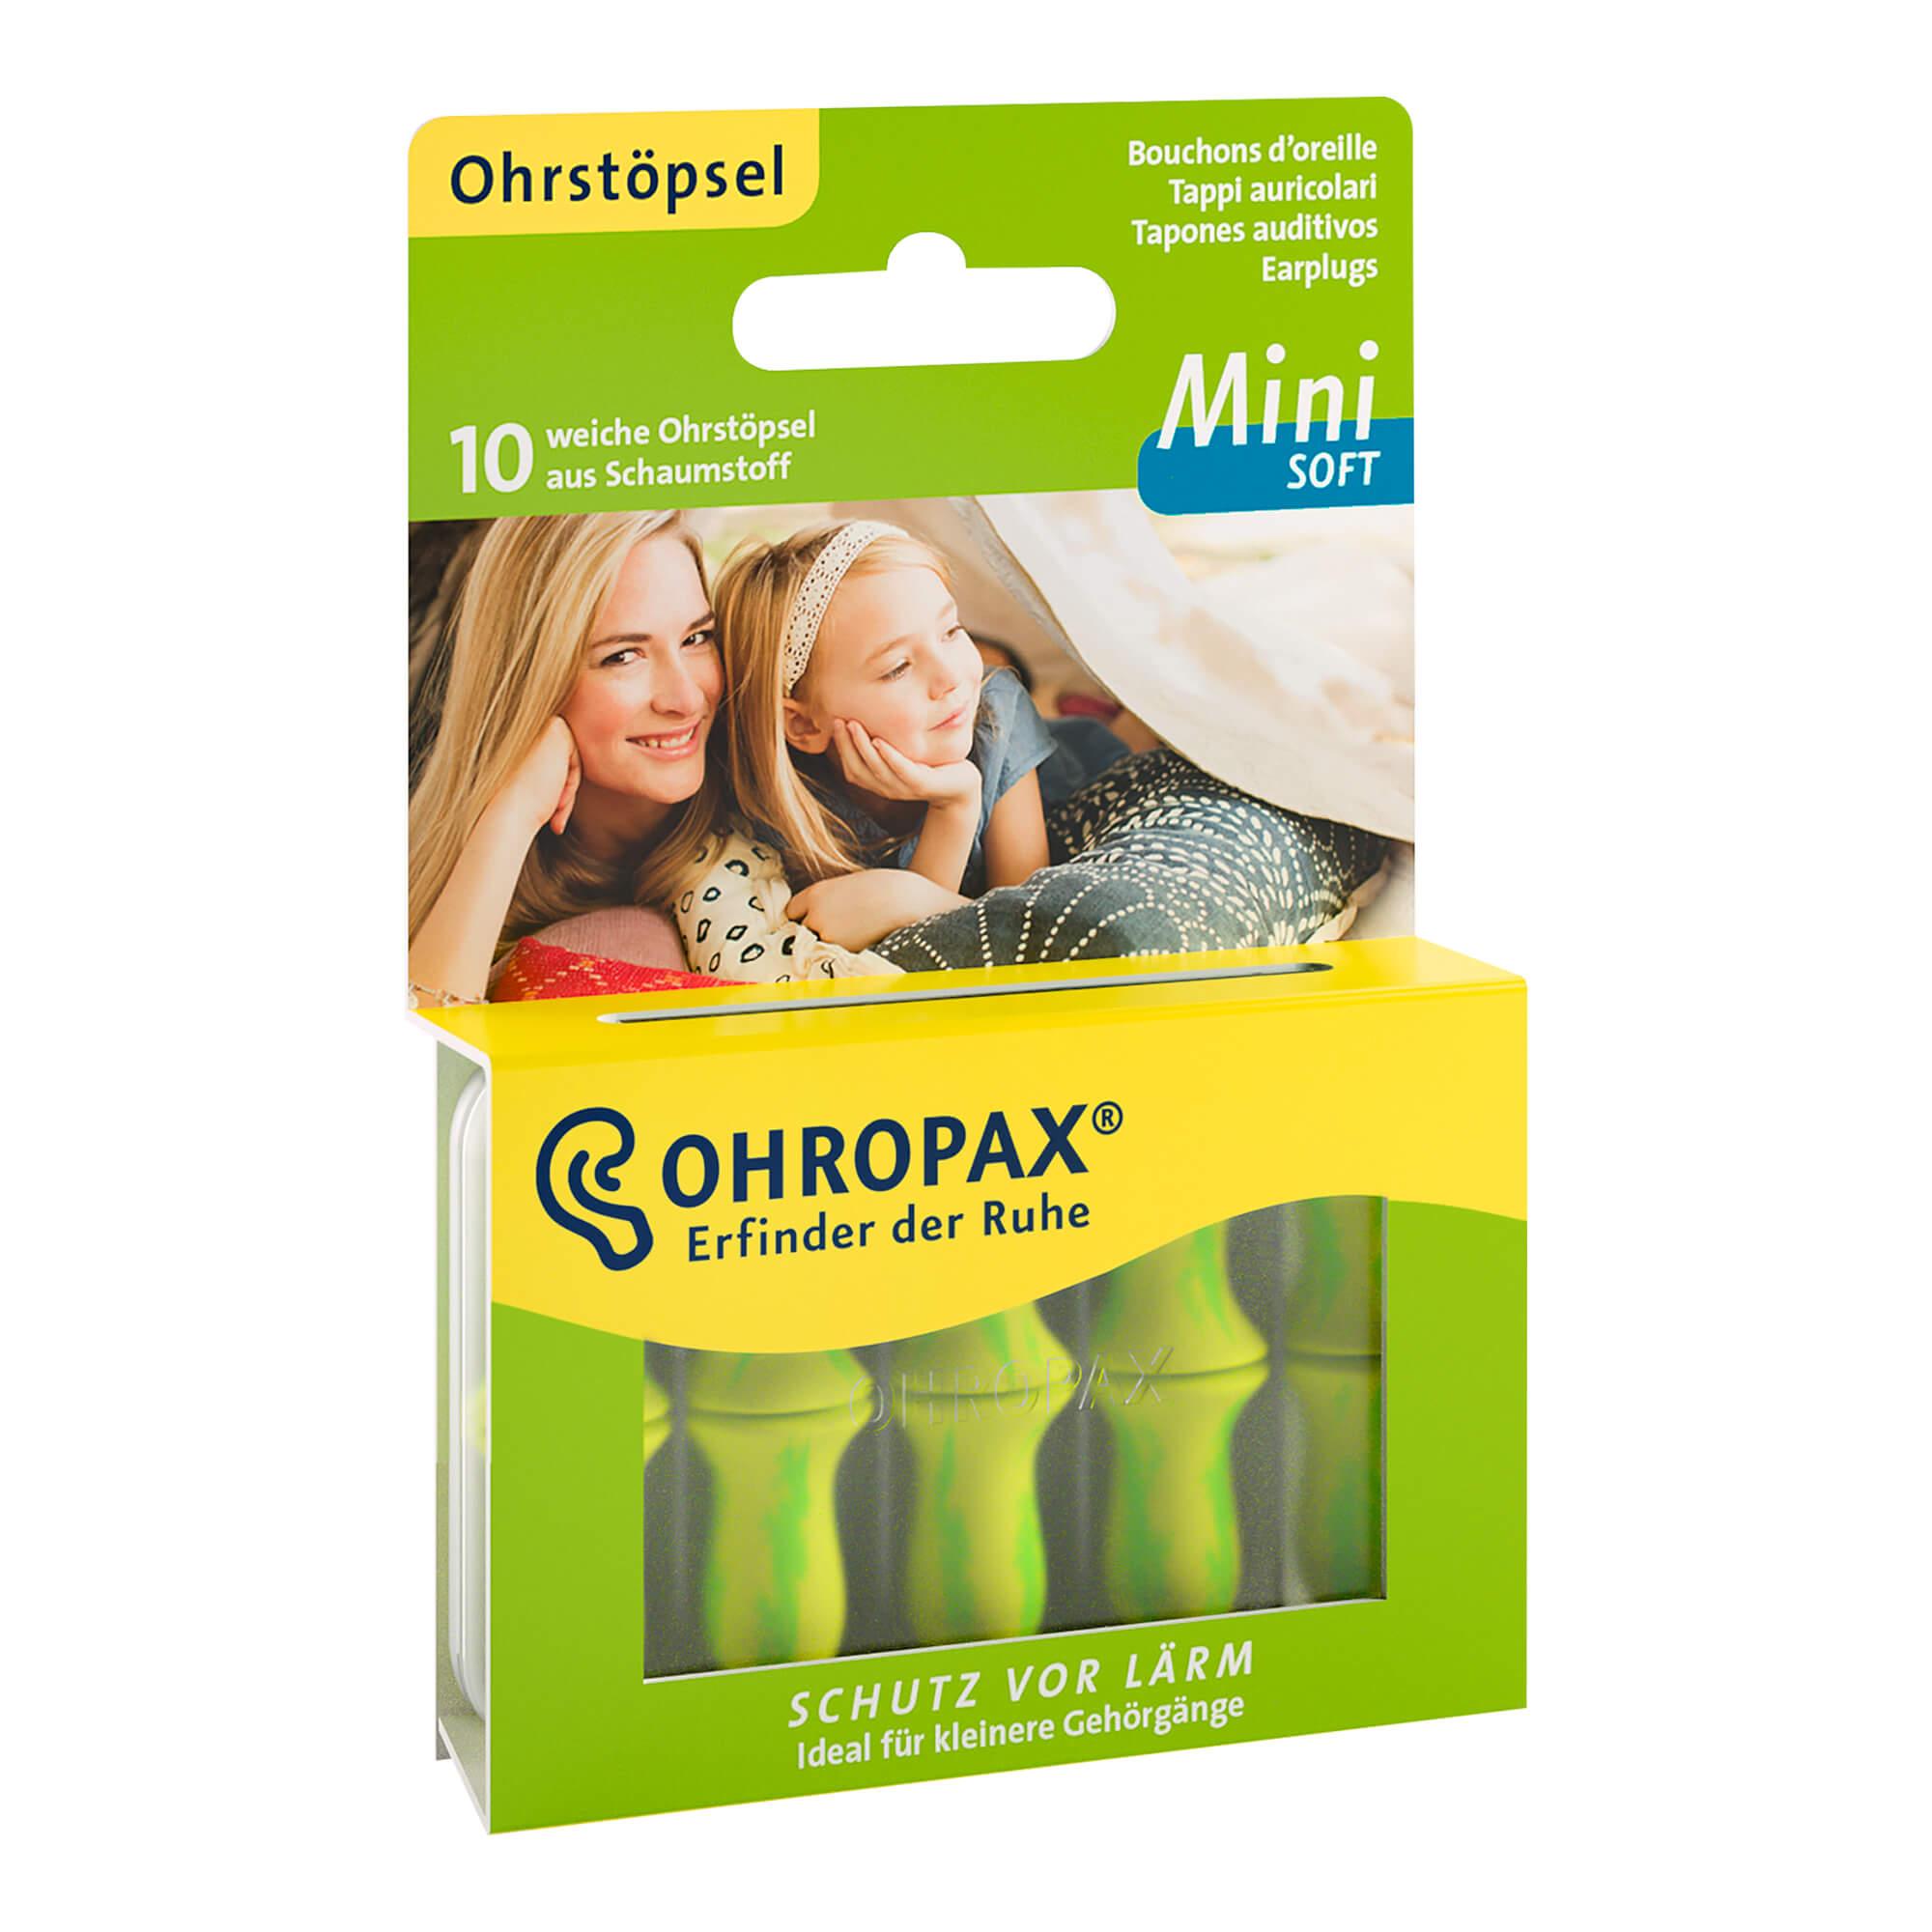 Ohropax Mini Soft